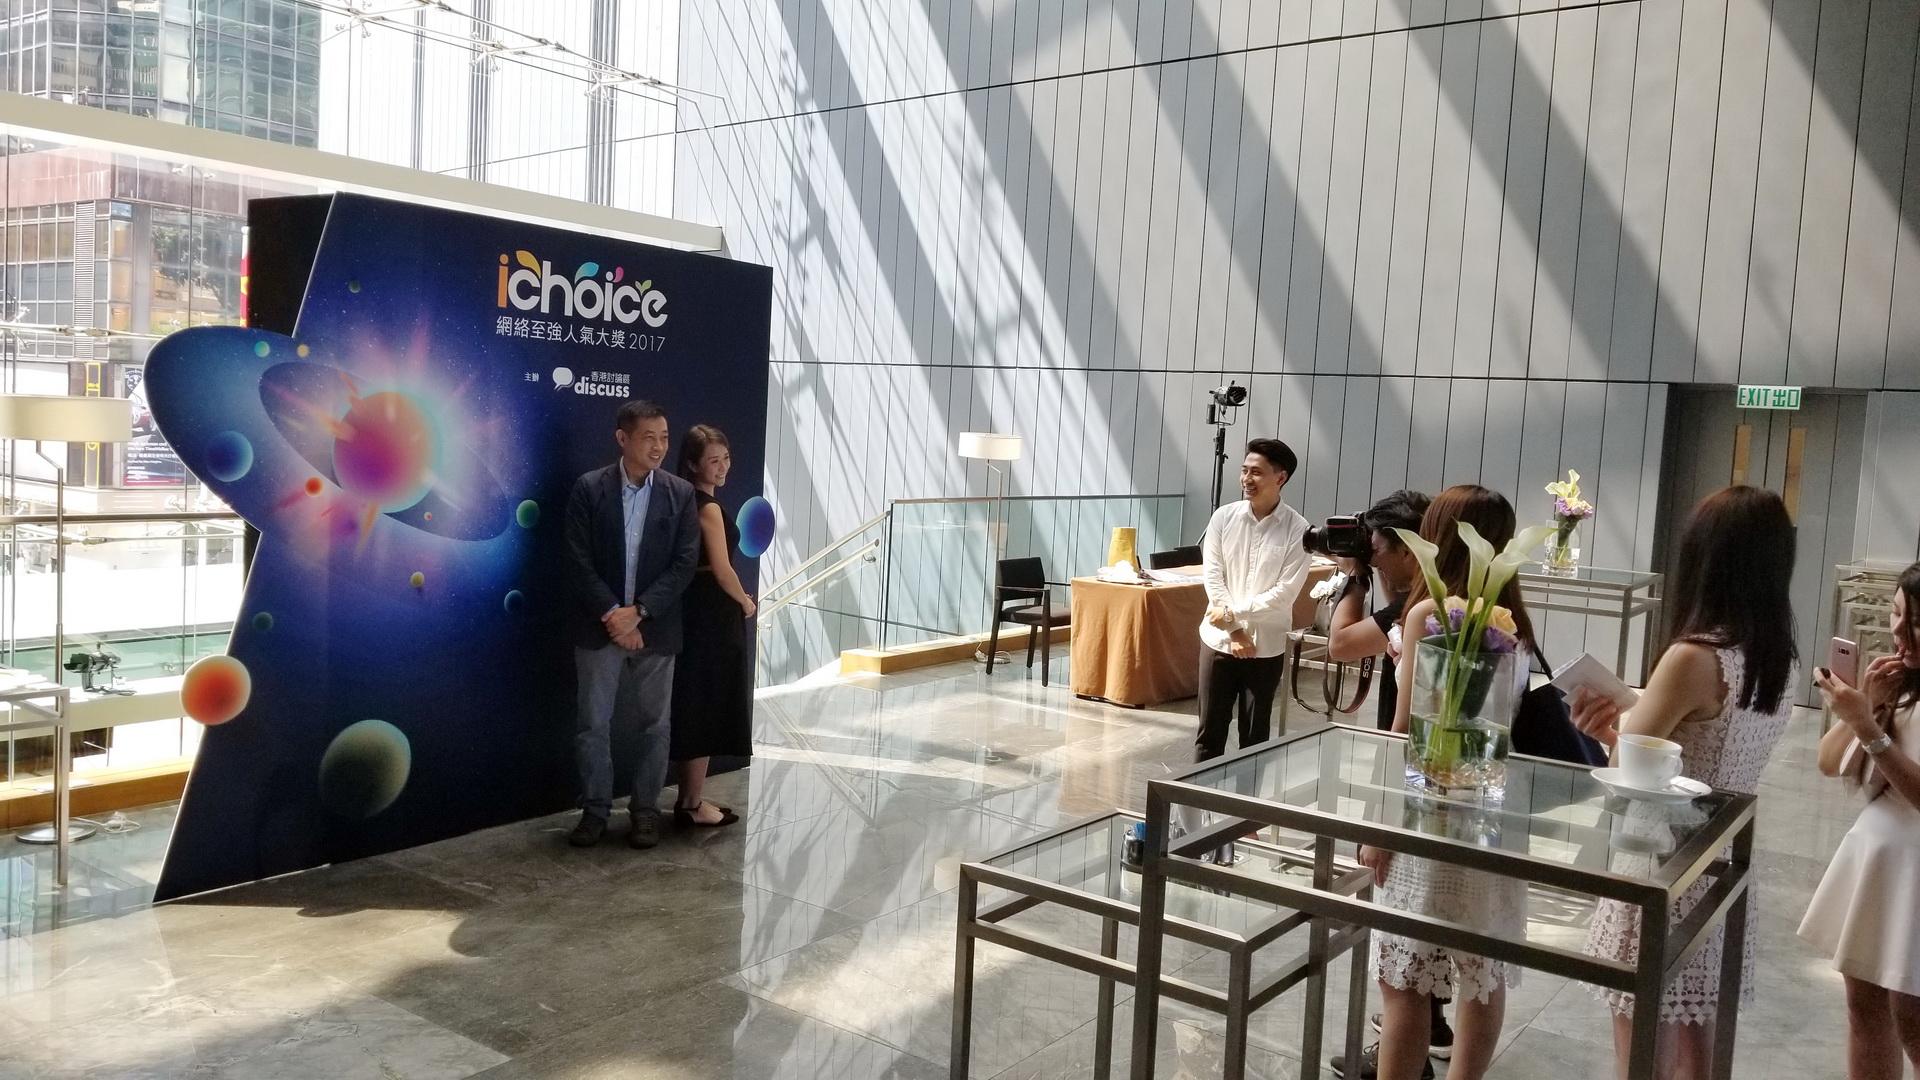 iChoice Award 2017